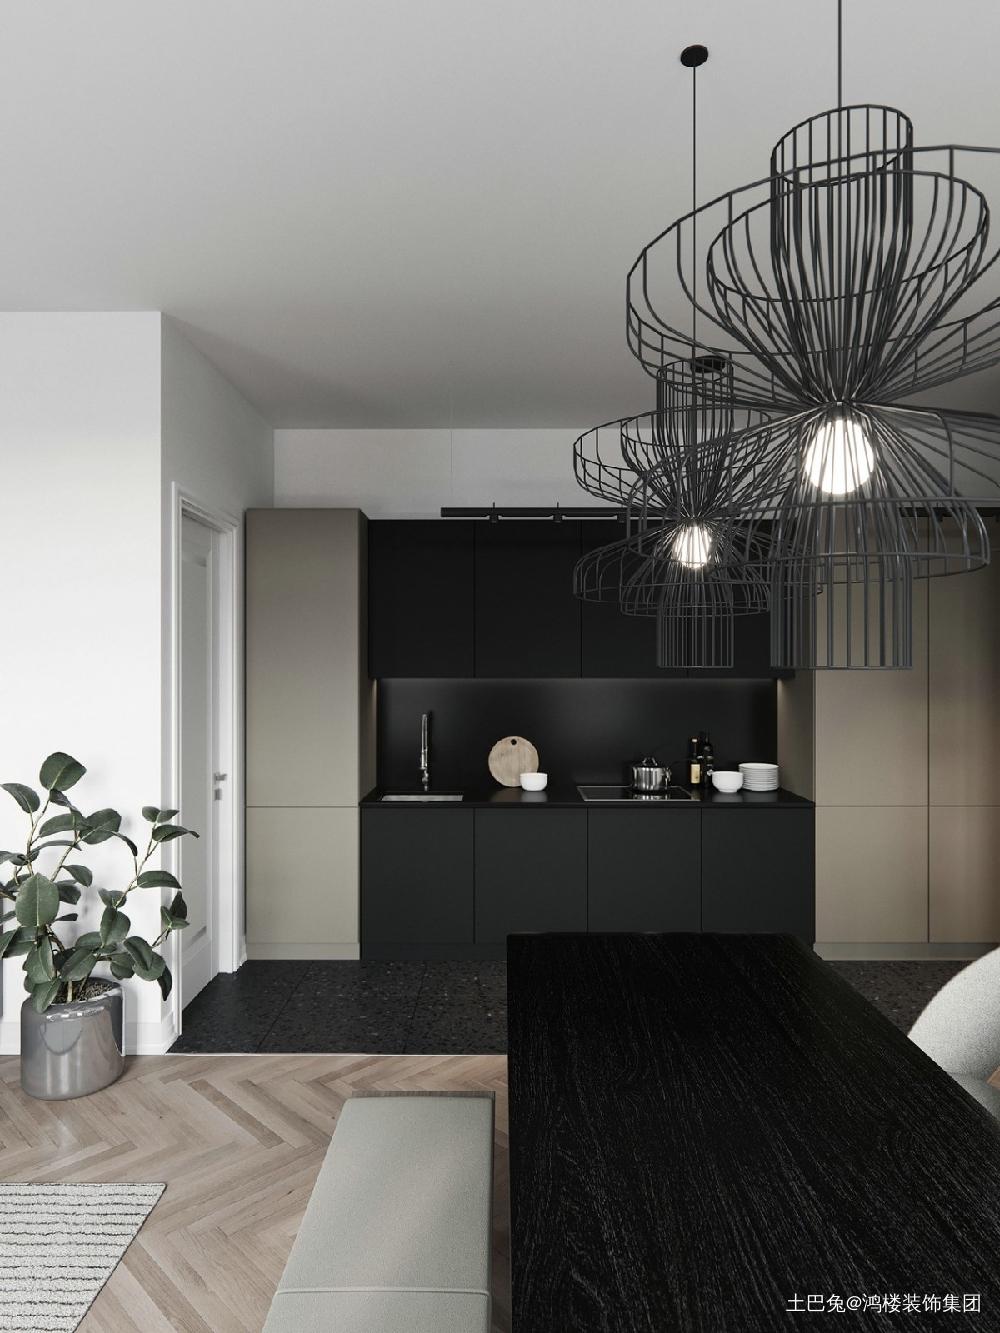 #4北欧风格精致的单身公寓厨房北欧极简餐厅设计图片赏析